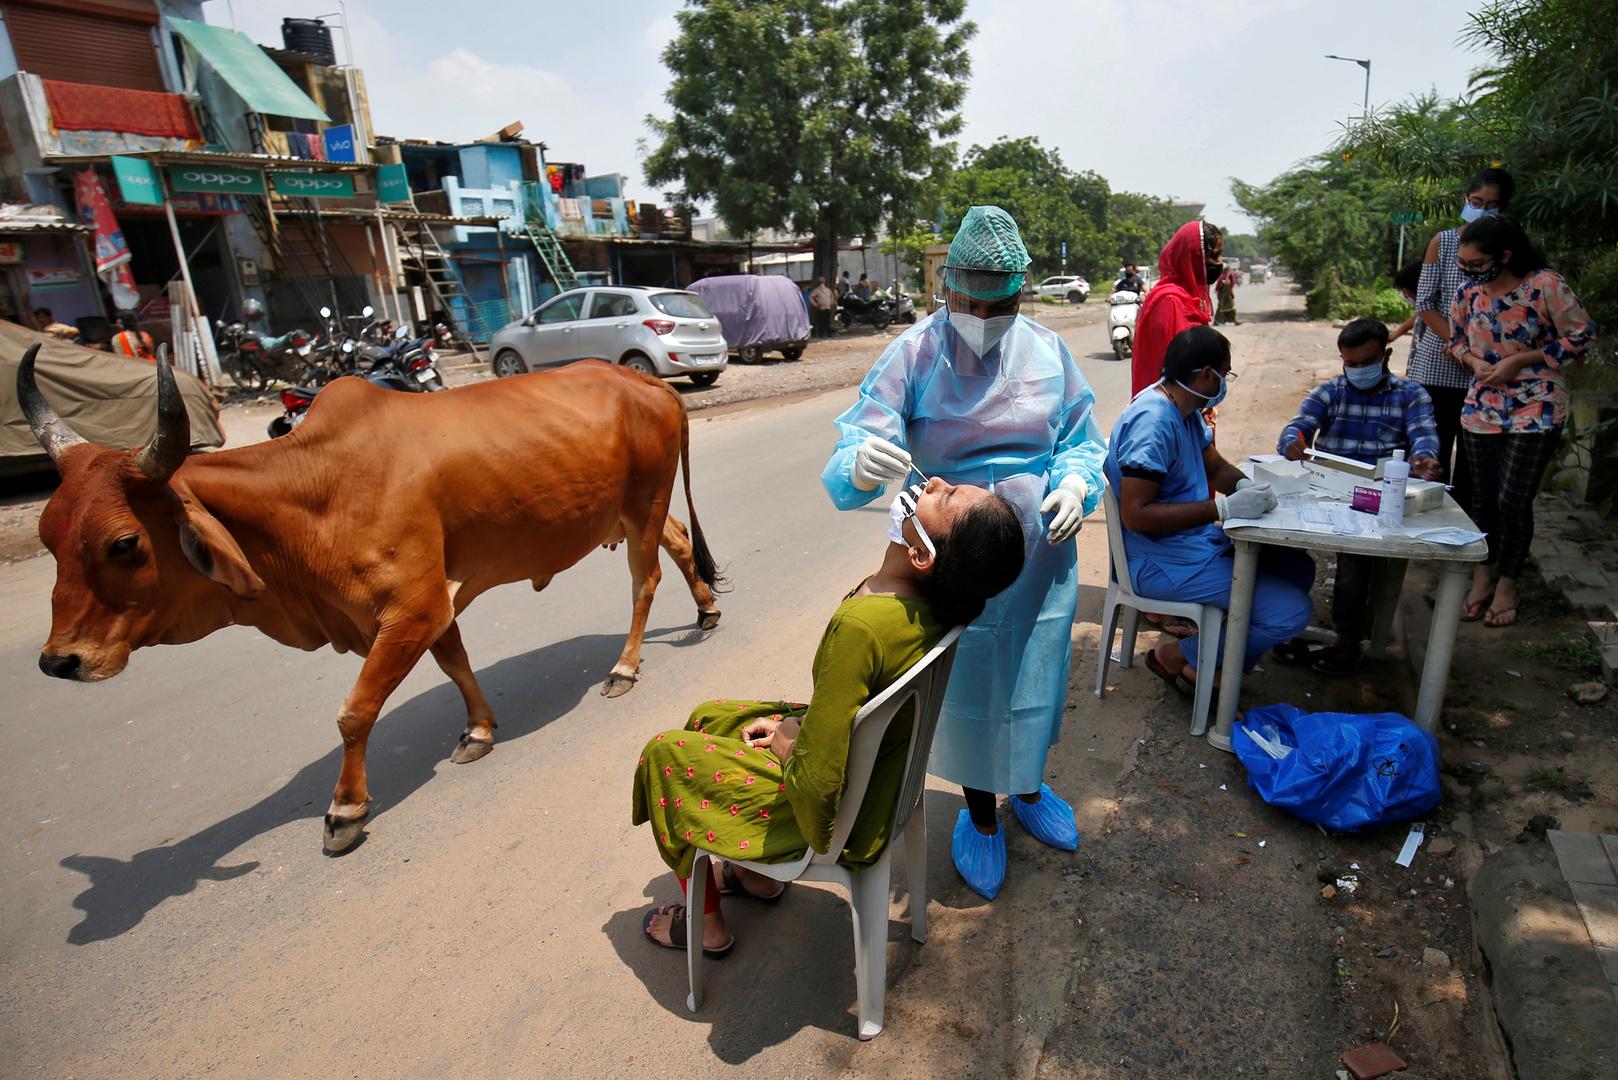 الهند في المرتبة الثالثة عالميا بعدد الإصابات المؤكدة بكورونا